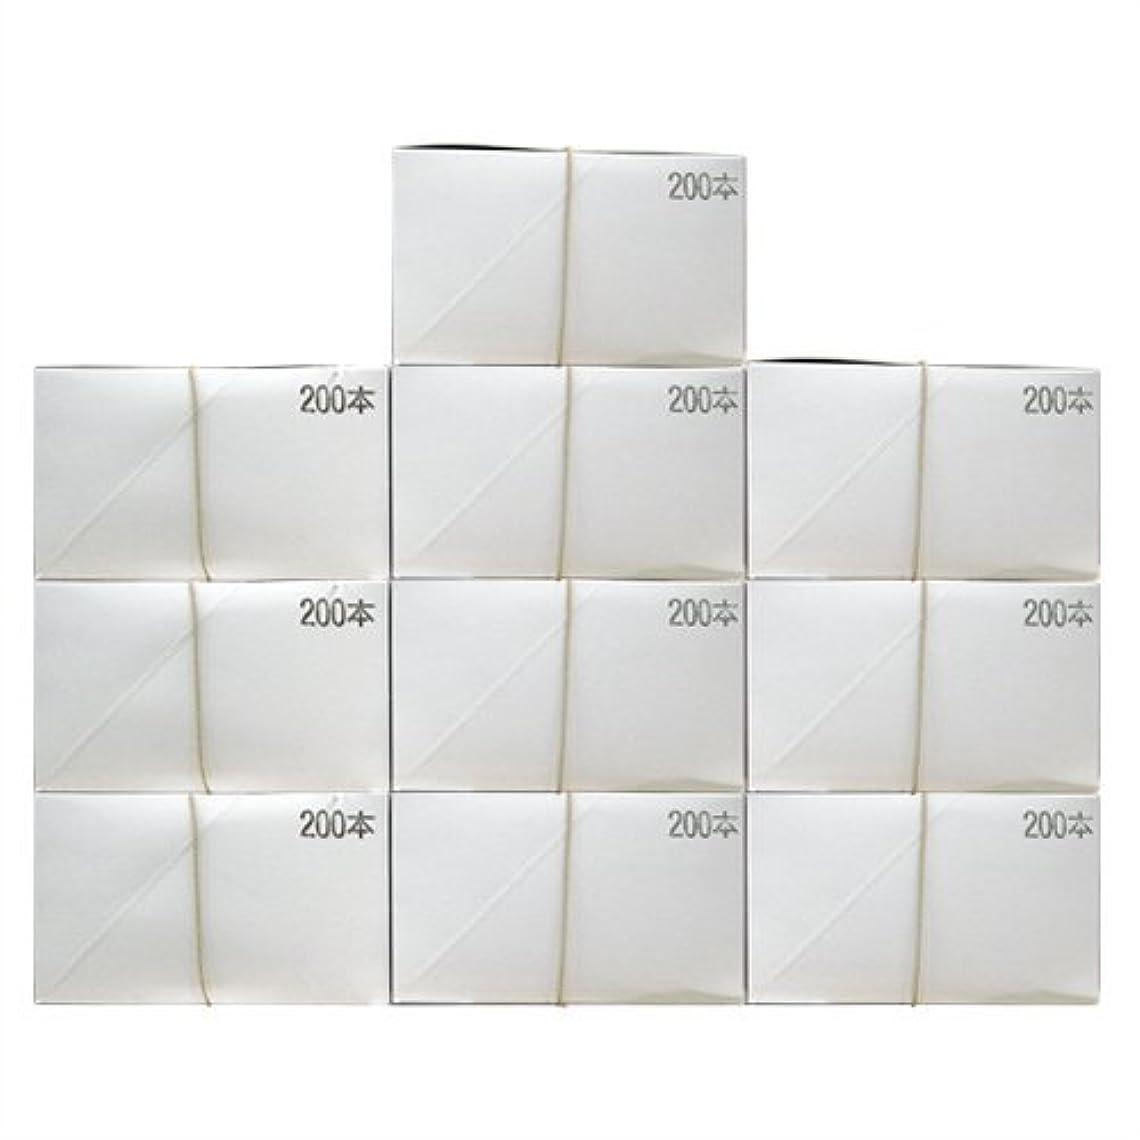 業務用 日本製 使い捨て粉付き歯ブラシ 個包装タイプ (2000本入)│ホテルアメニティ